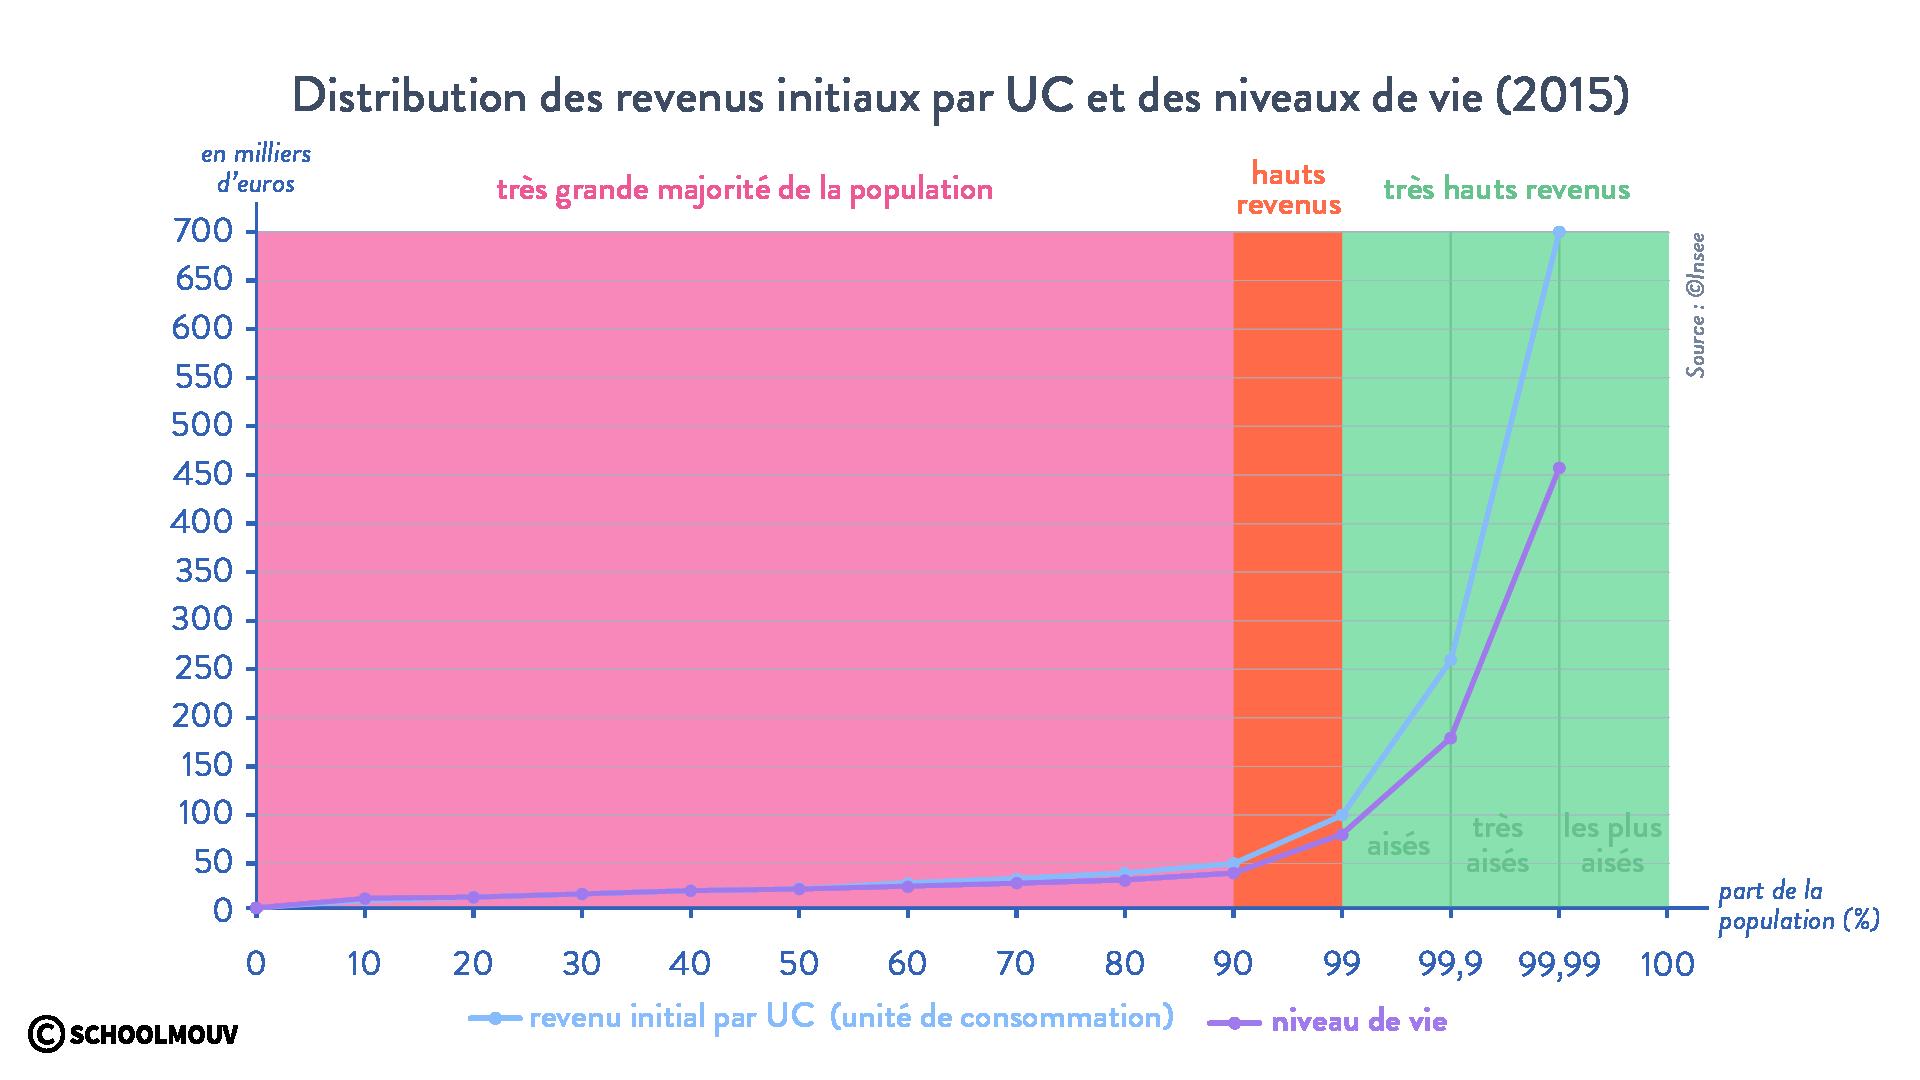 Distribution des revenus initiaux par unité de consommation et des niveaux de vie en 2015